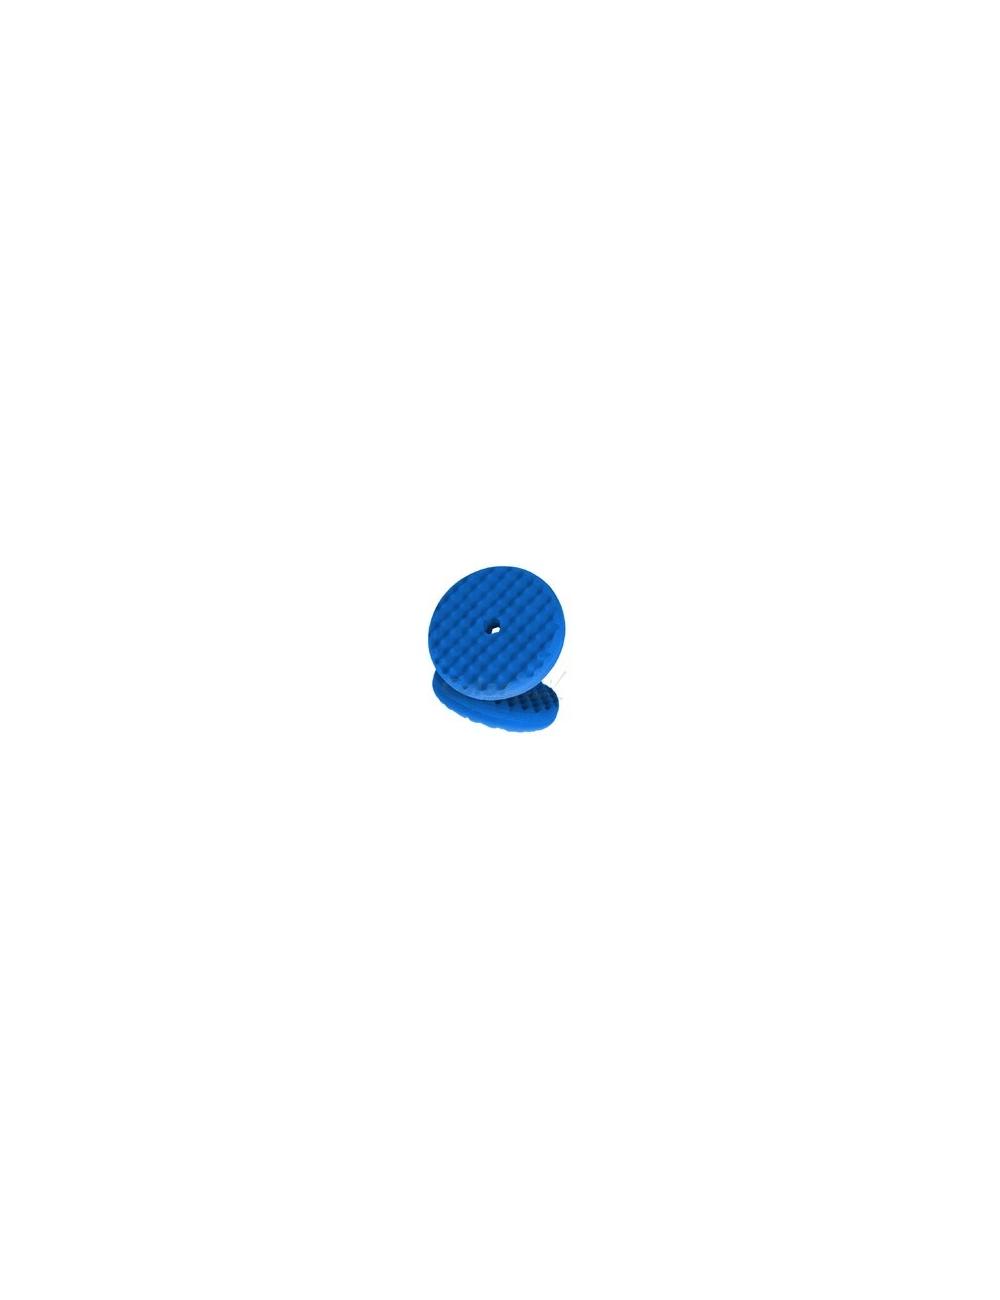 Mousse bleue double face alvéolé Quick Connect Ø216